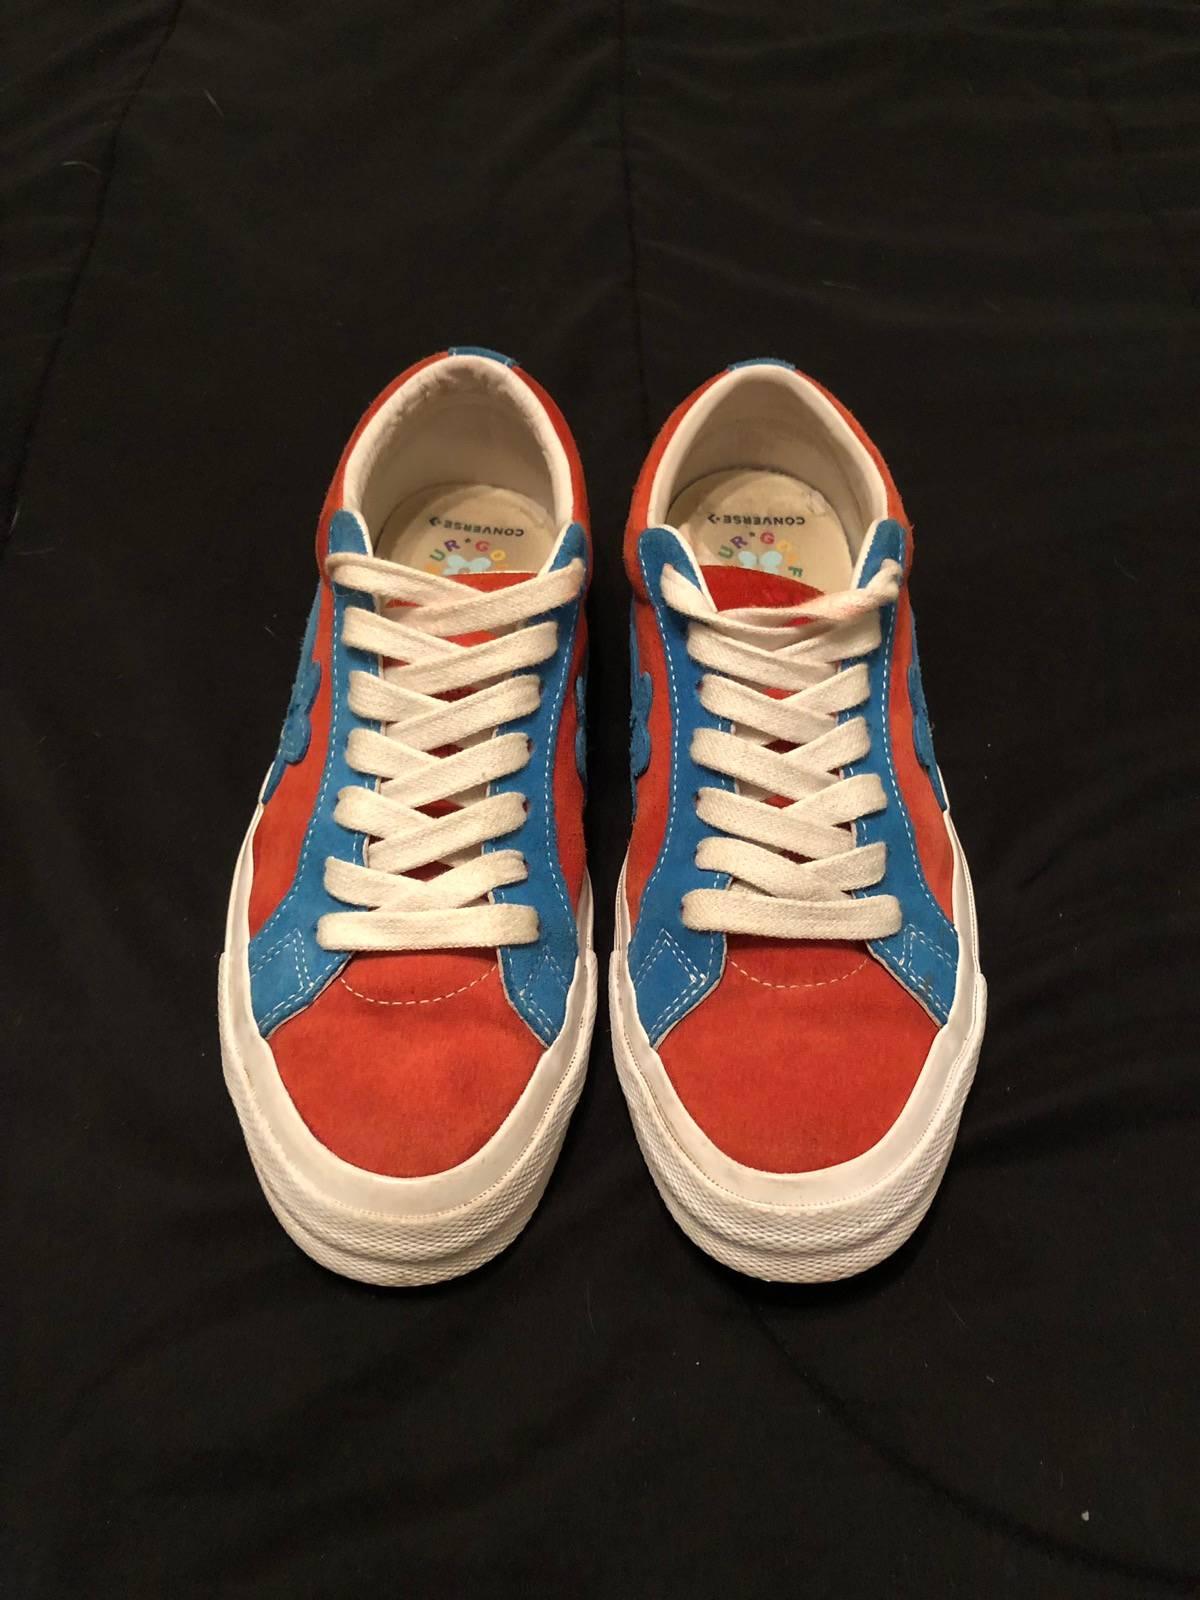 Converse Golf Le Fleur Red Blue Size 8 Fits 8 5 9 Grailed